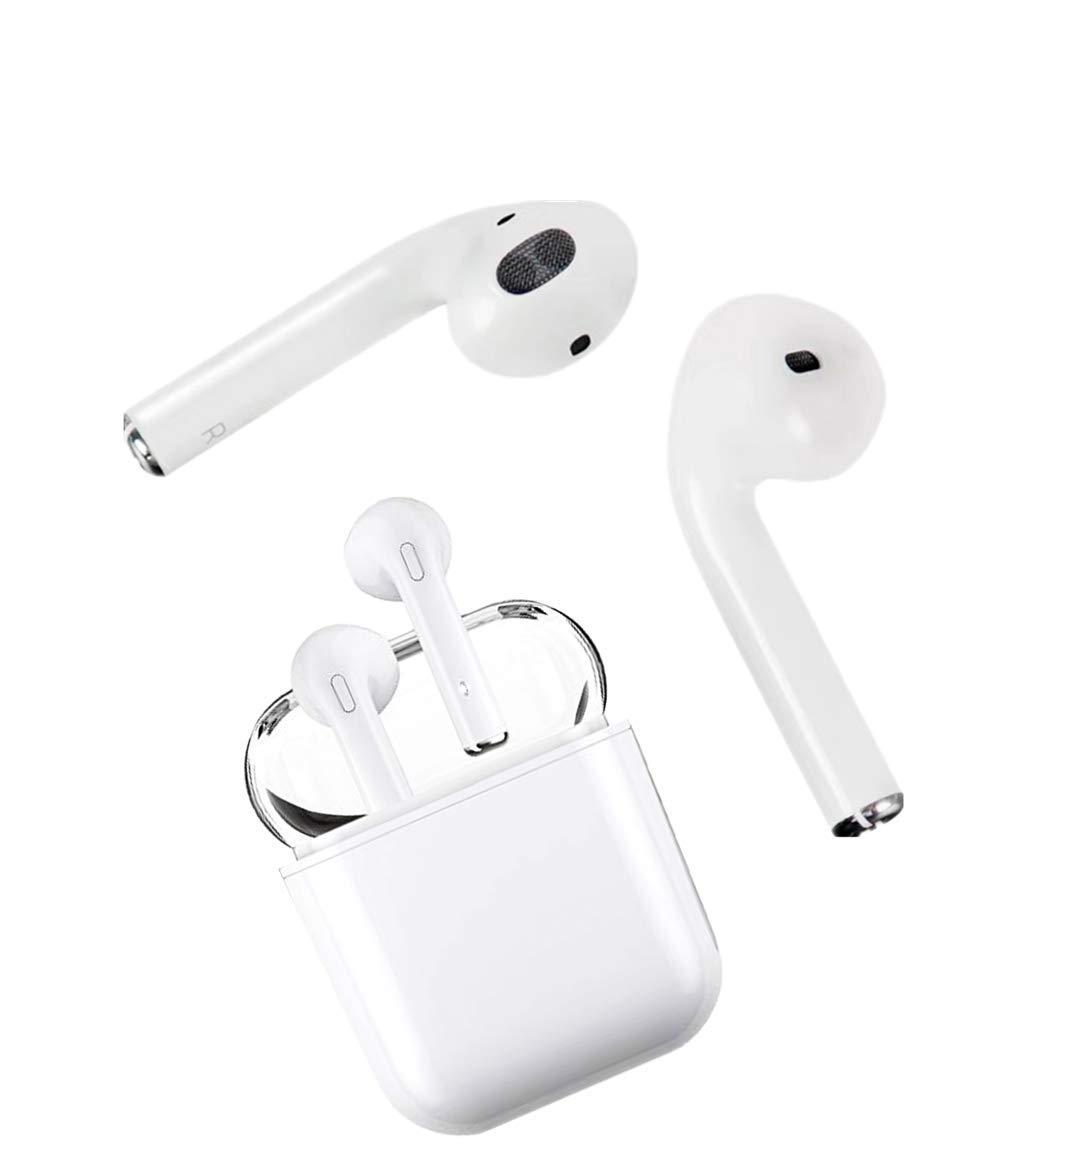 Auricular inalámbrico HD con micrófono manos libres con reducción de ruido, micrófono emparejado automático de llamadas binaurales, auricular inalámbrico y ...